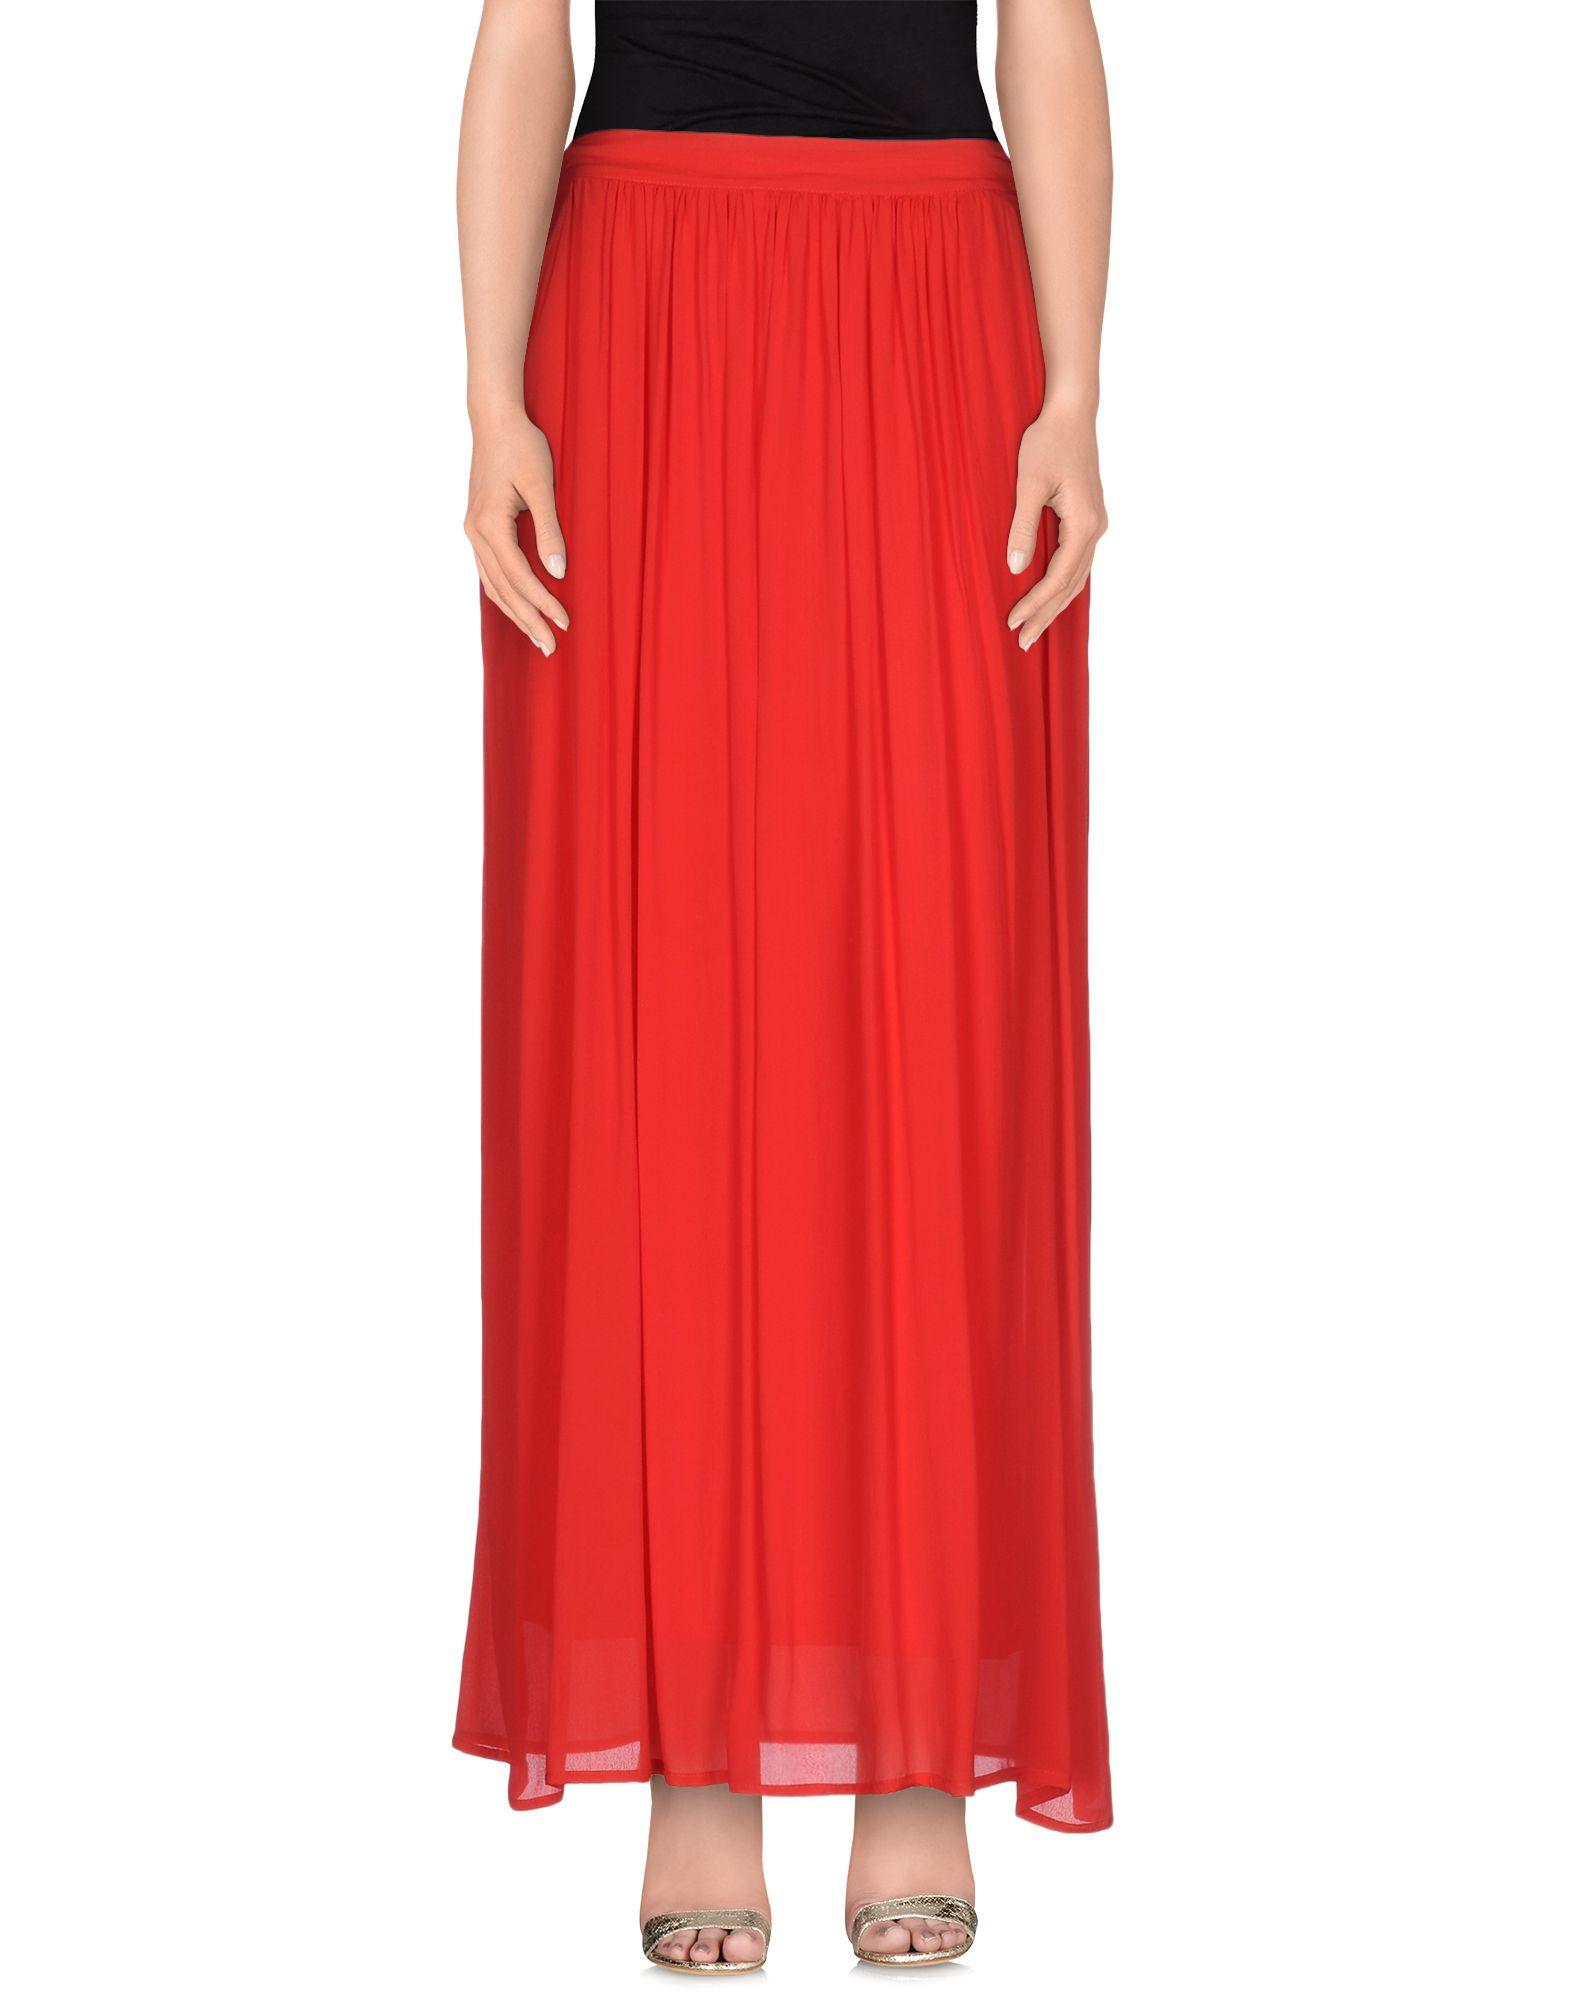 Lyst - Soallure Long Skirt in Red